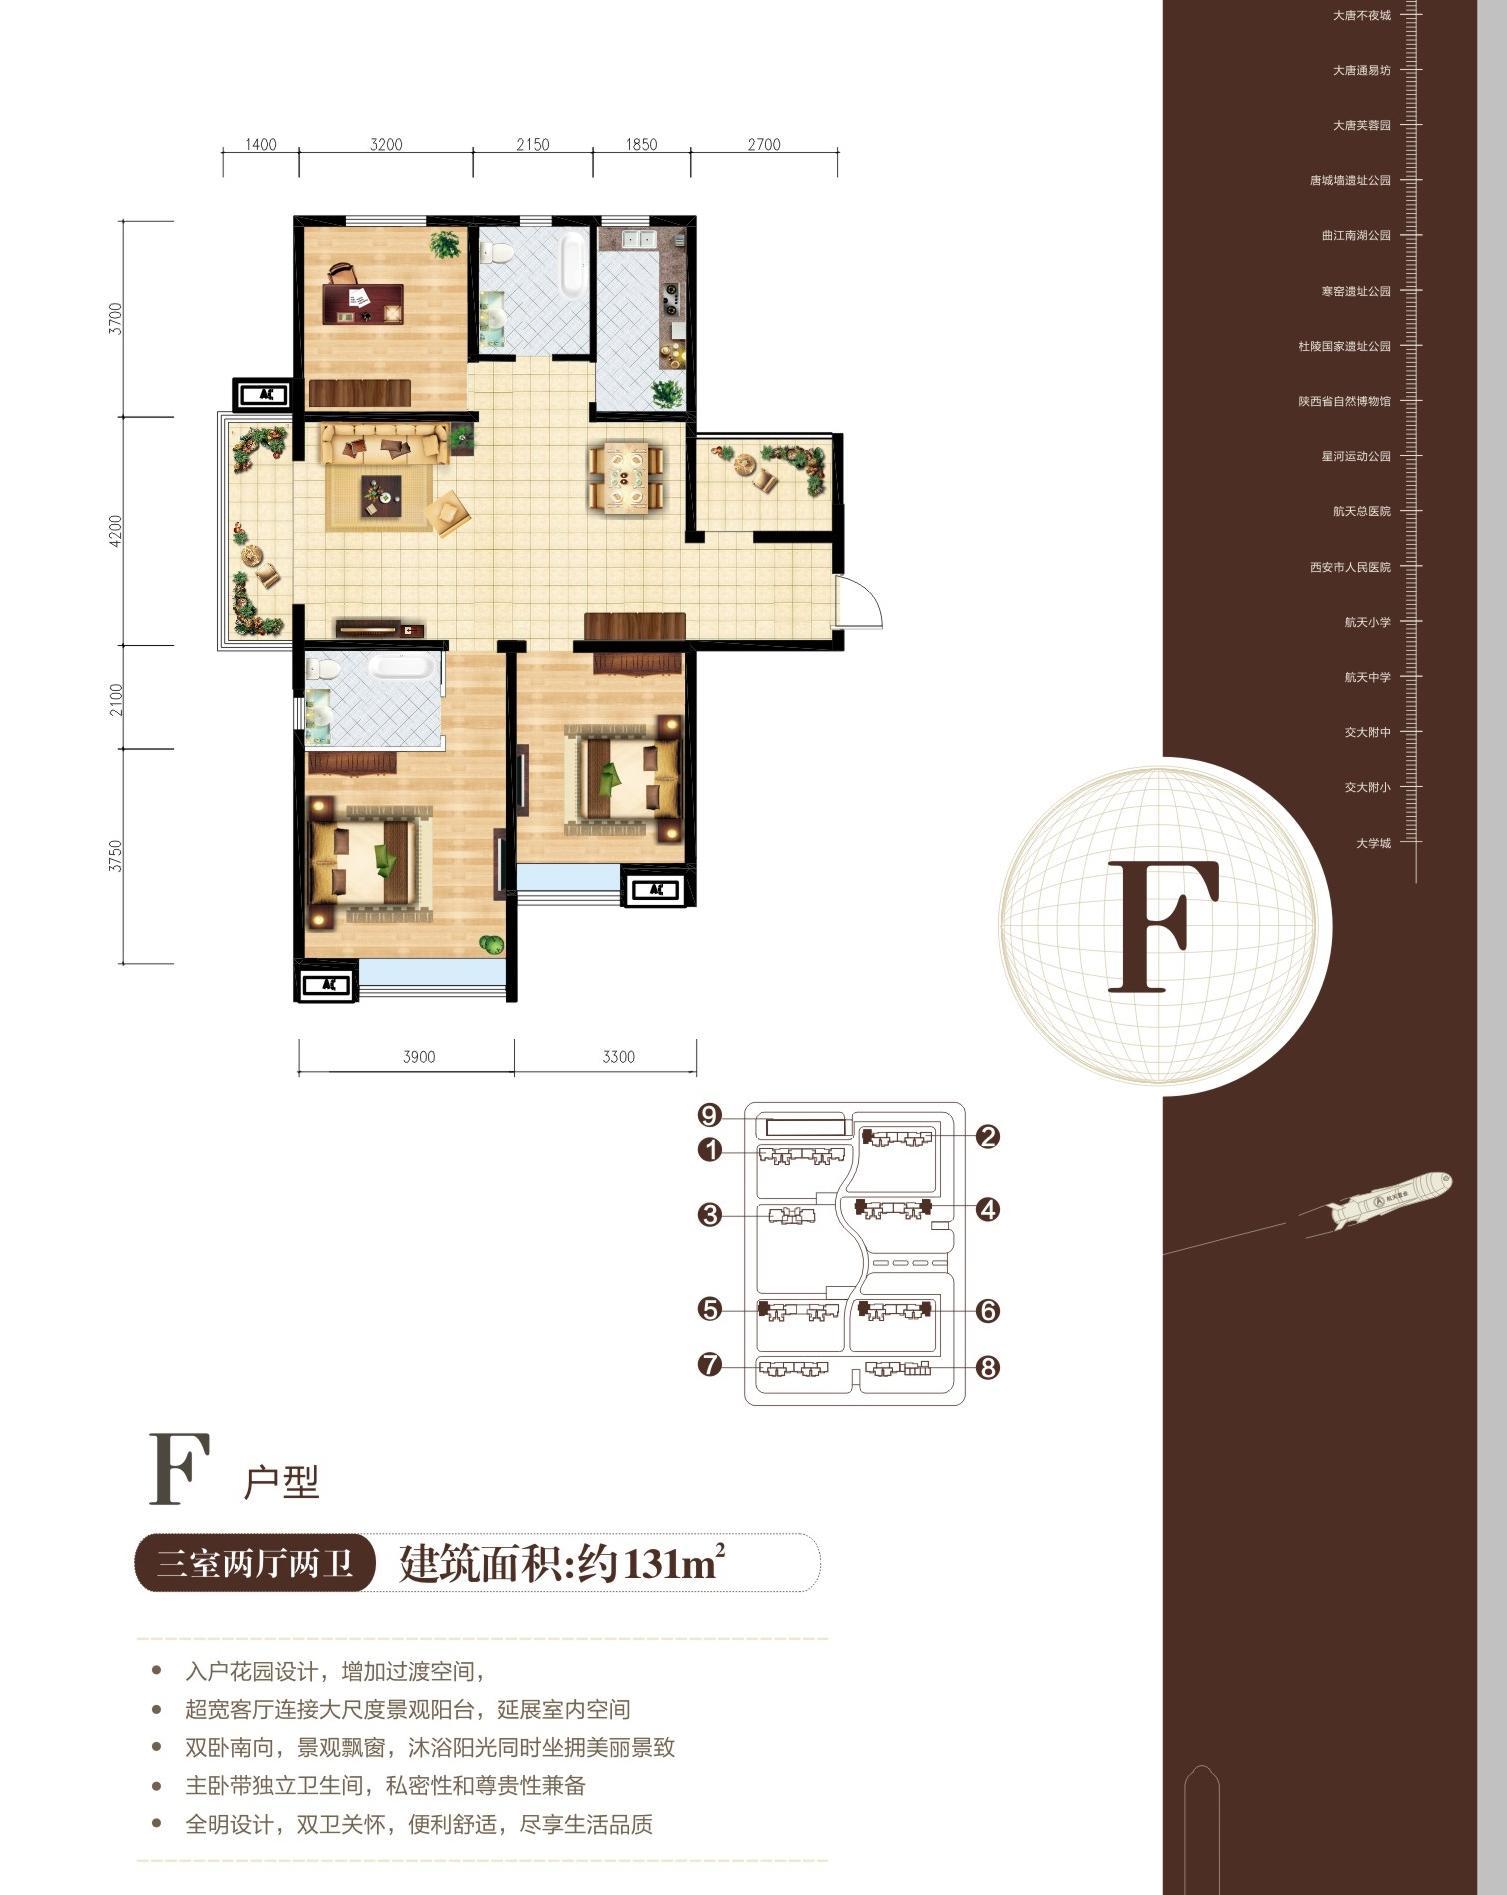 西安航天城二期F户型三室两厅两卫131㎡